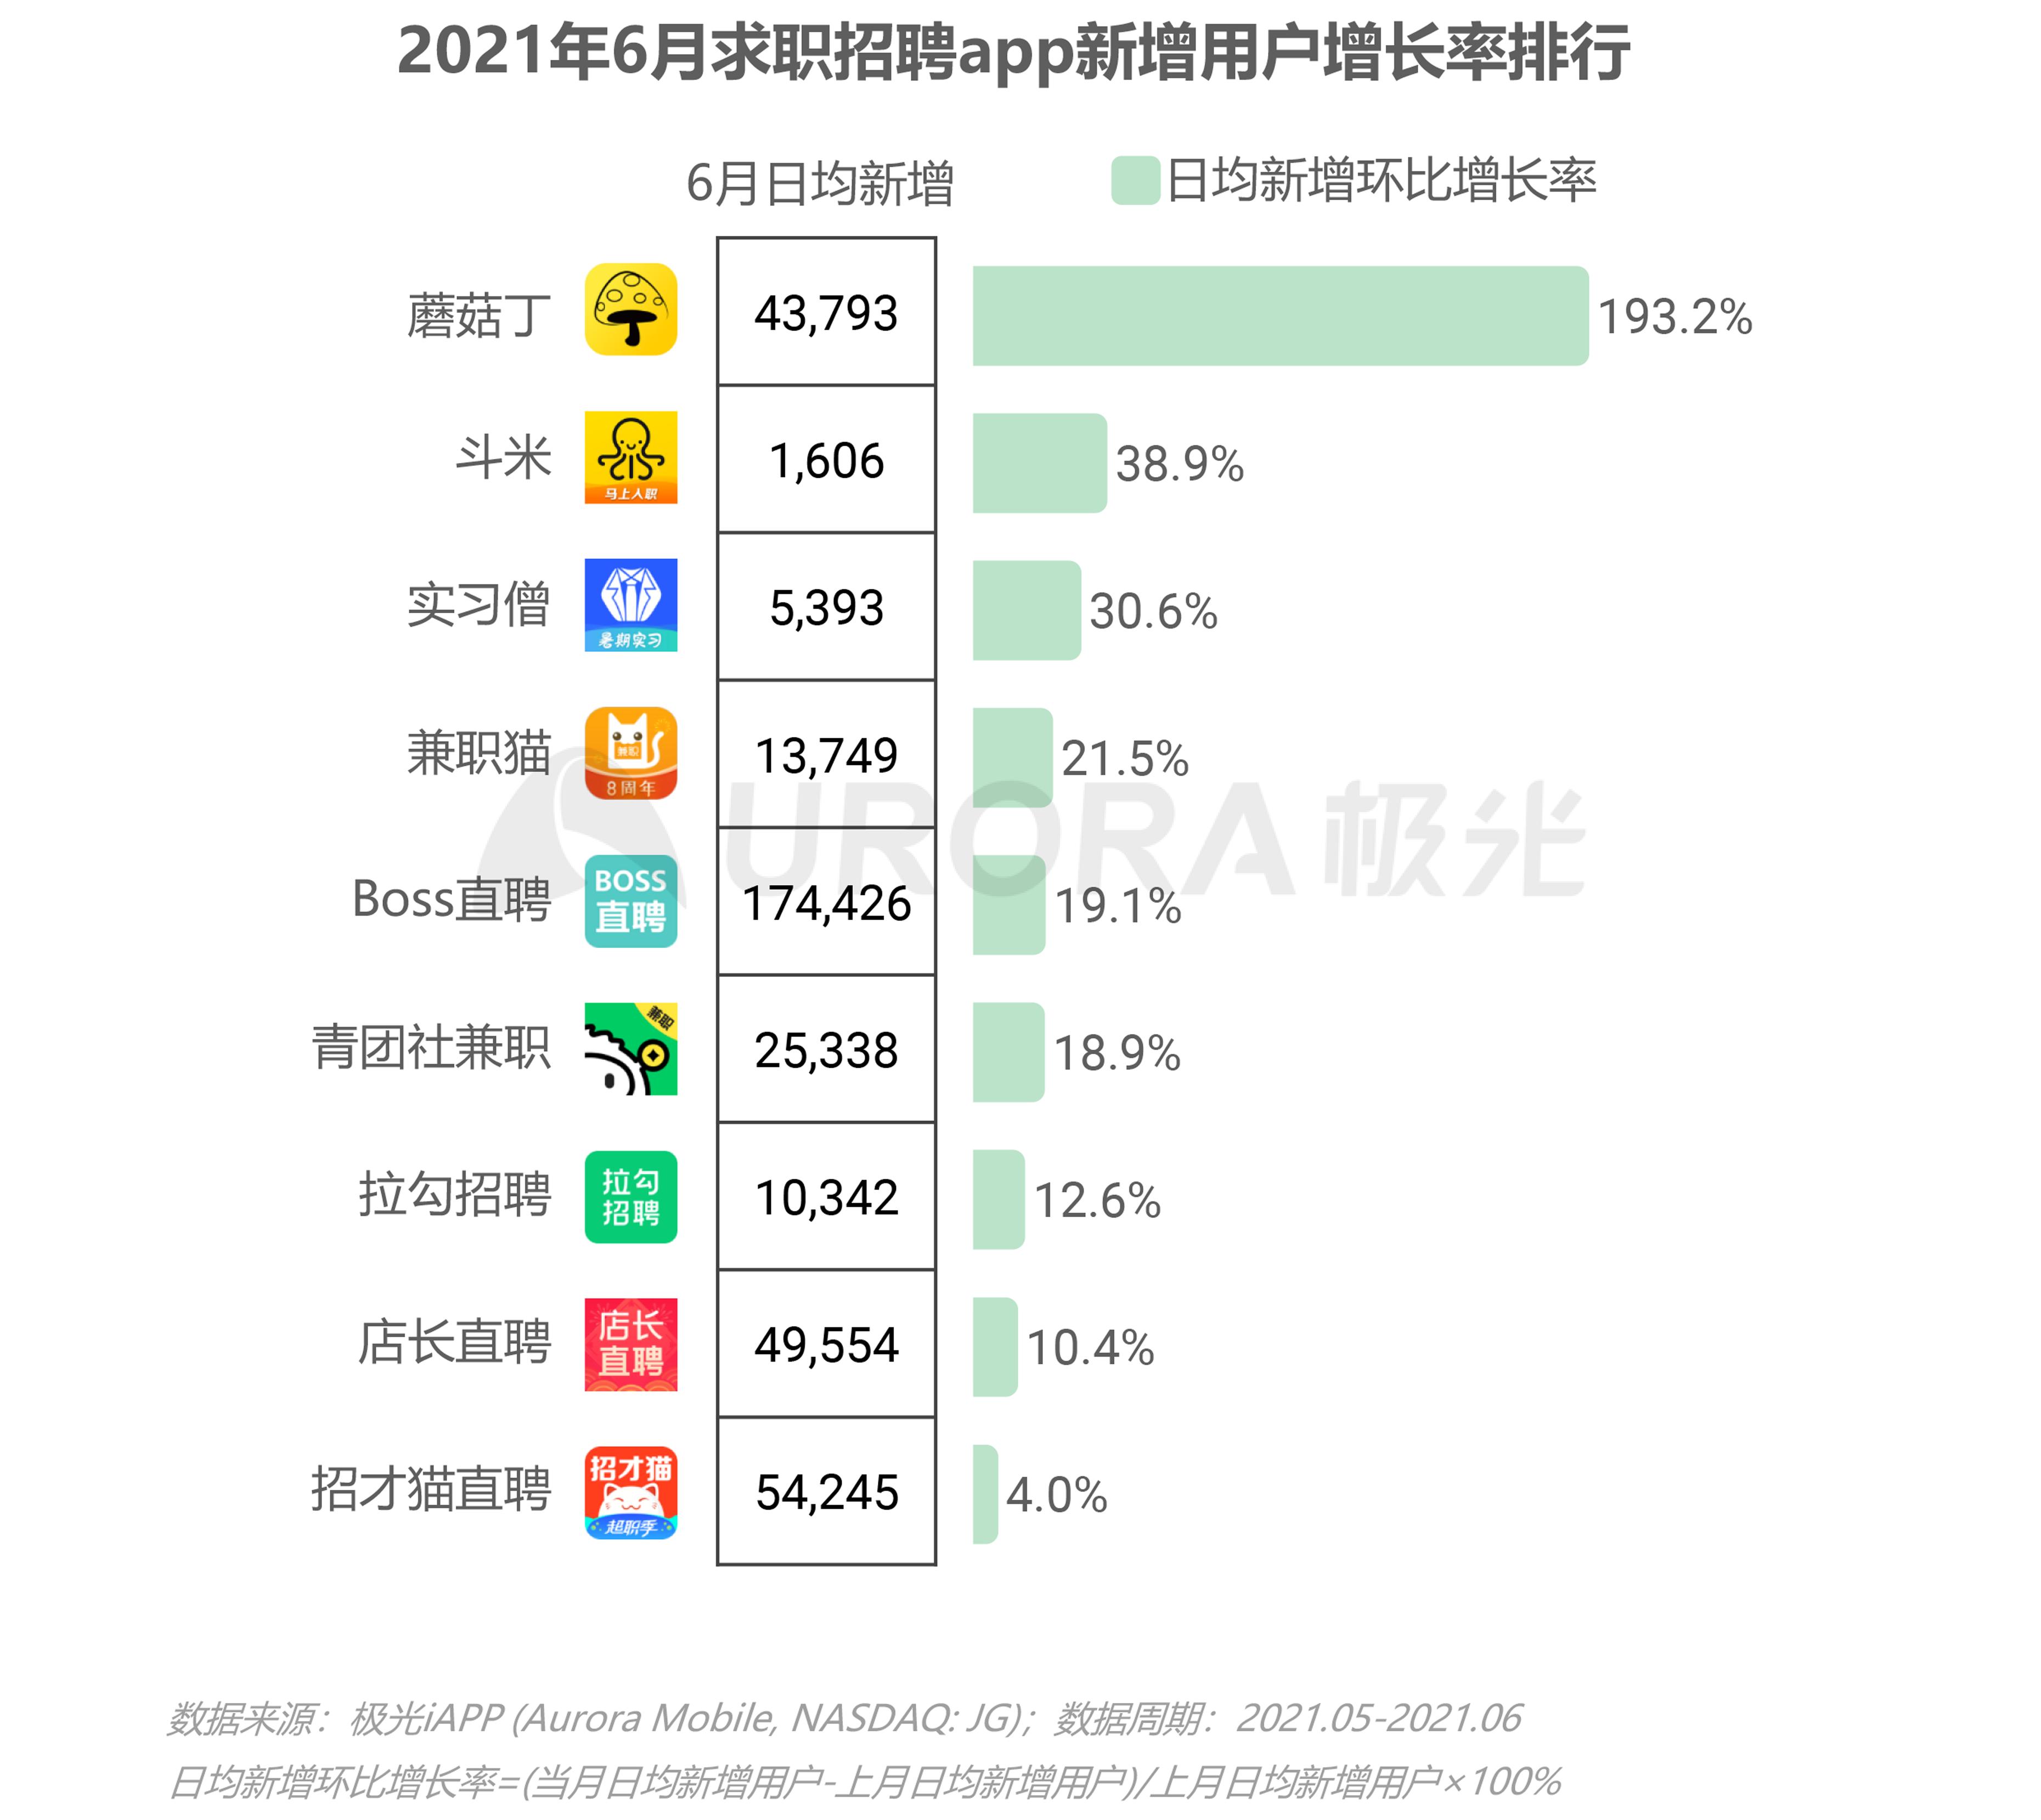 2021毕业生求职状态洞察报告【定稿】-16.png